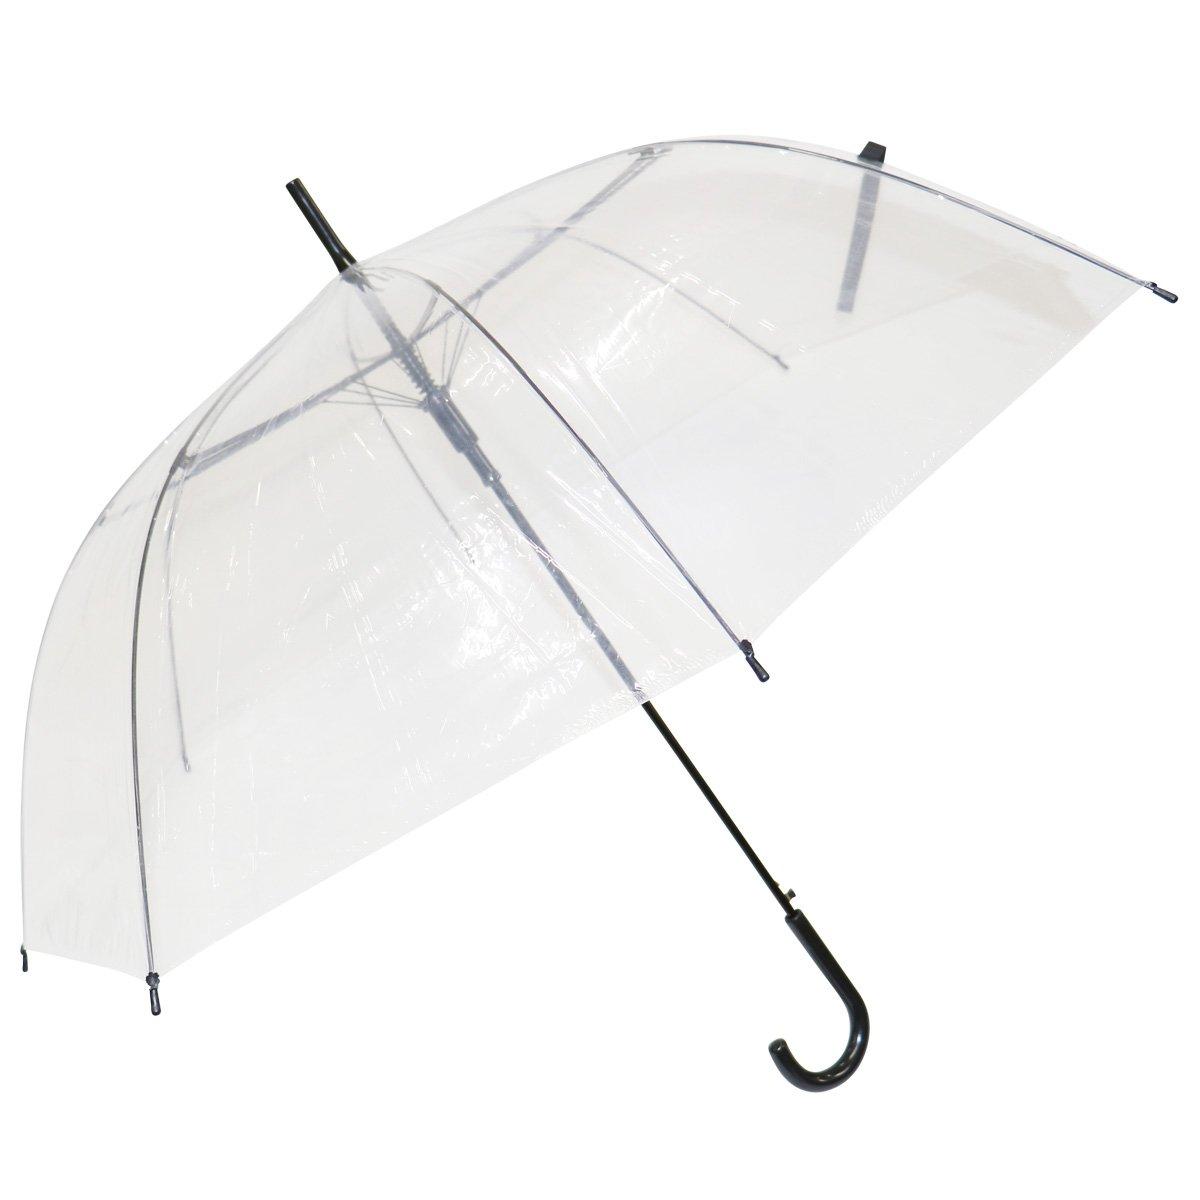 ビニール傘 透明 65cm 48本 送料無料 傘 かさ まとめ買い 業務用 激安 ブラック B07BB6G578